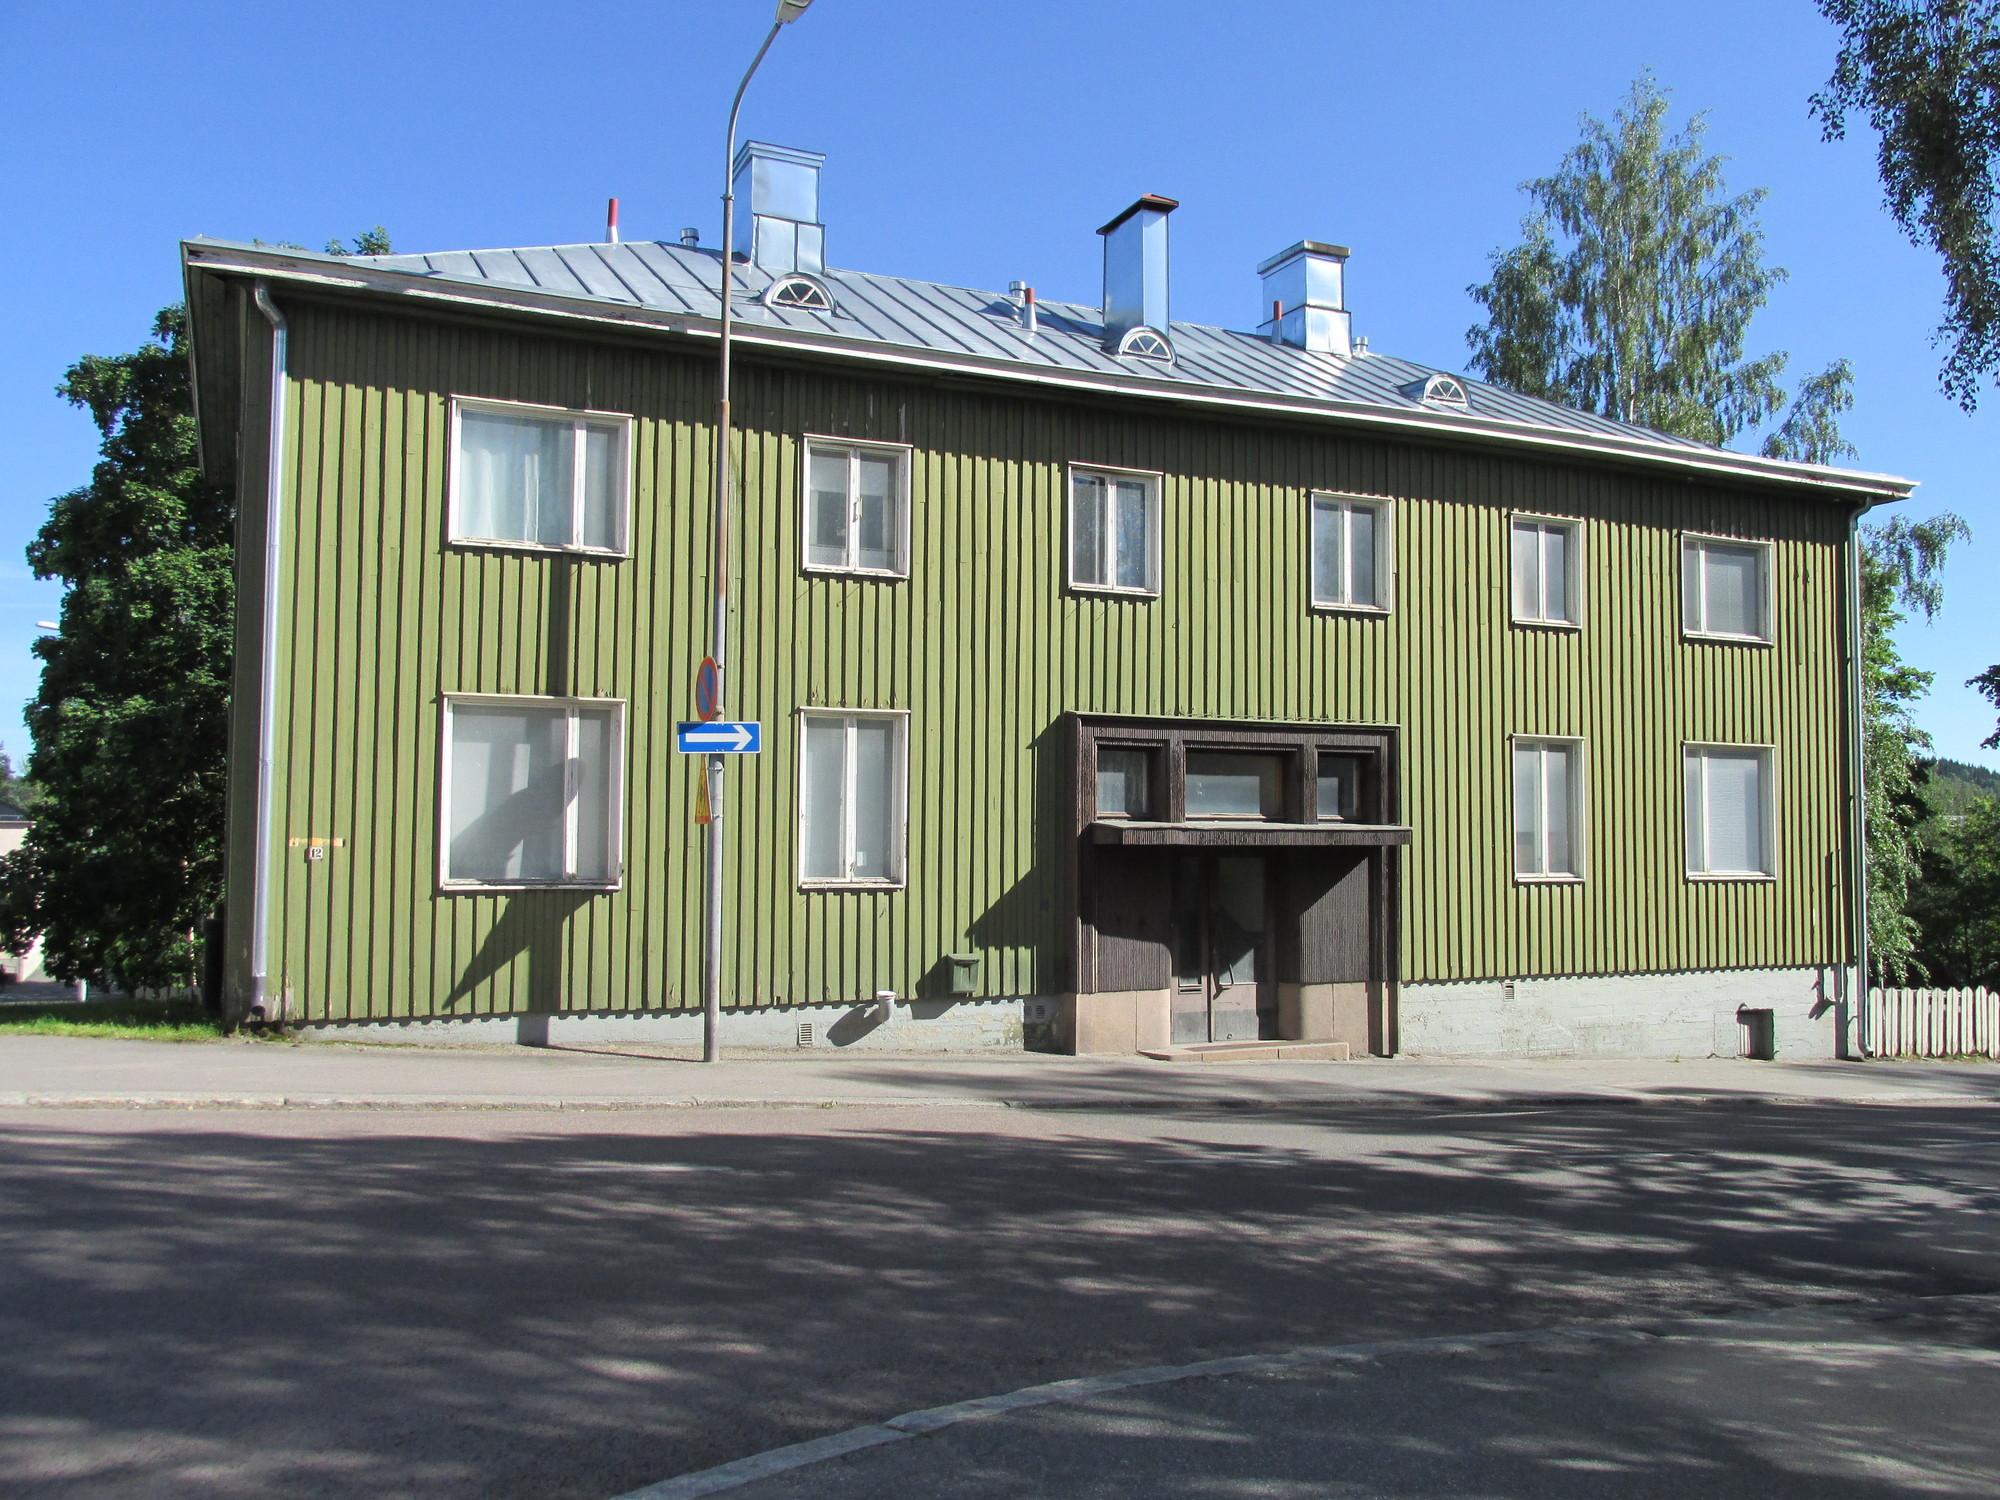 Jyväskylä: 17 obras de Alvar Aalto en una sola ciudad, Casa Lauren. Image © Karina Nogales